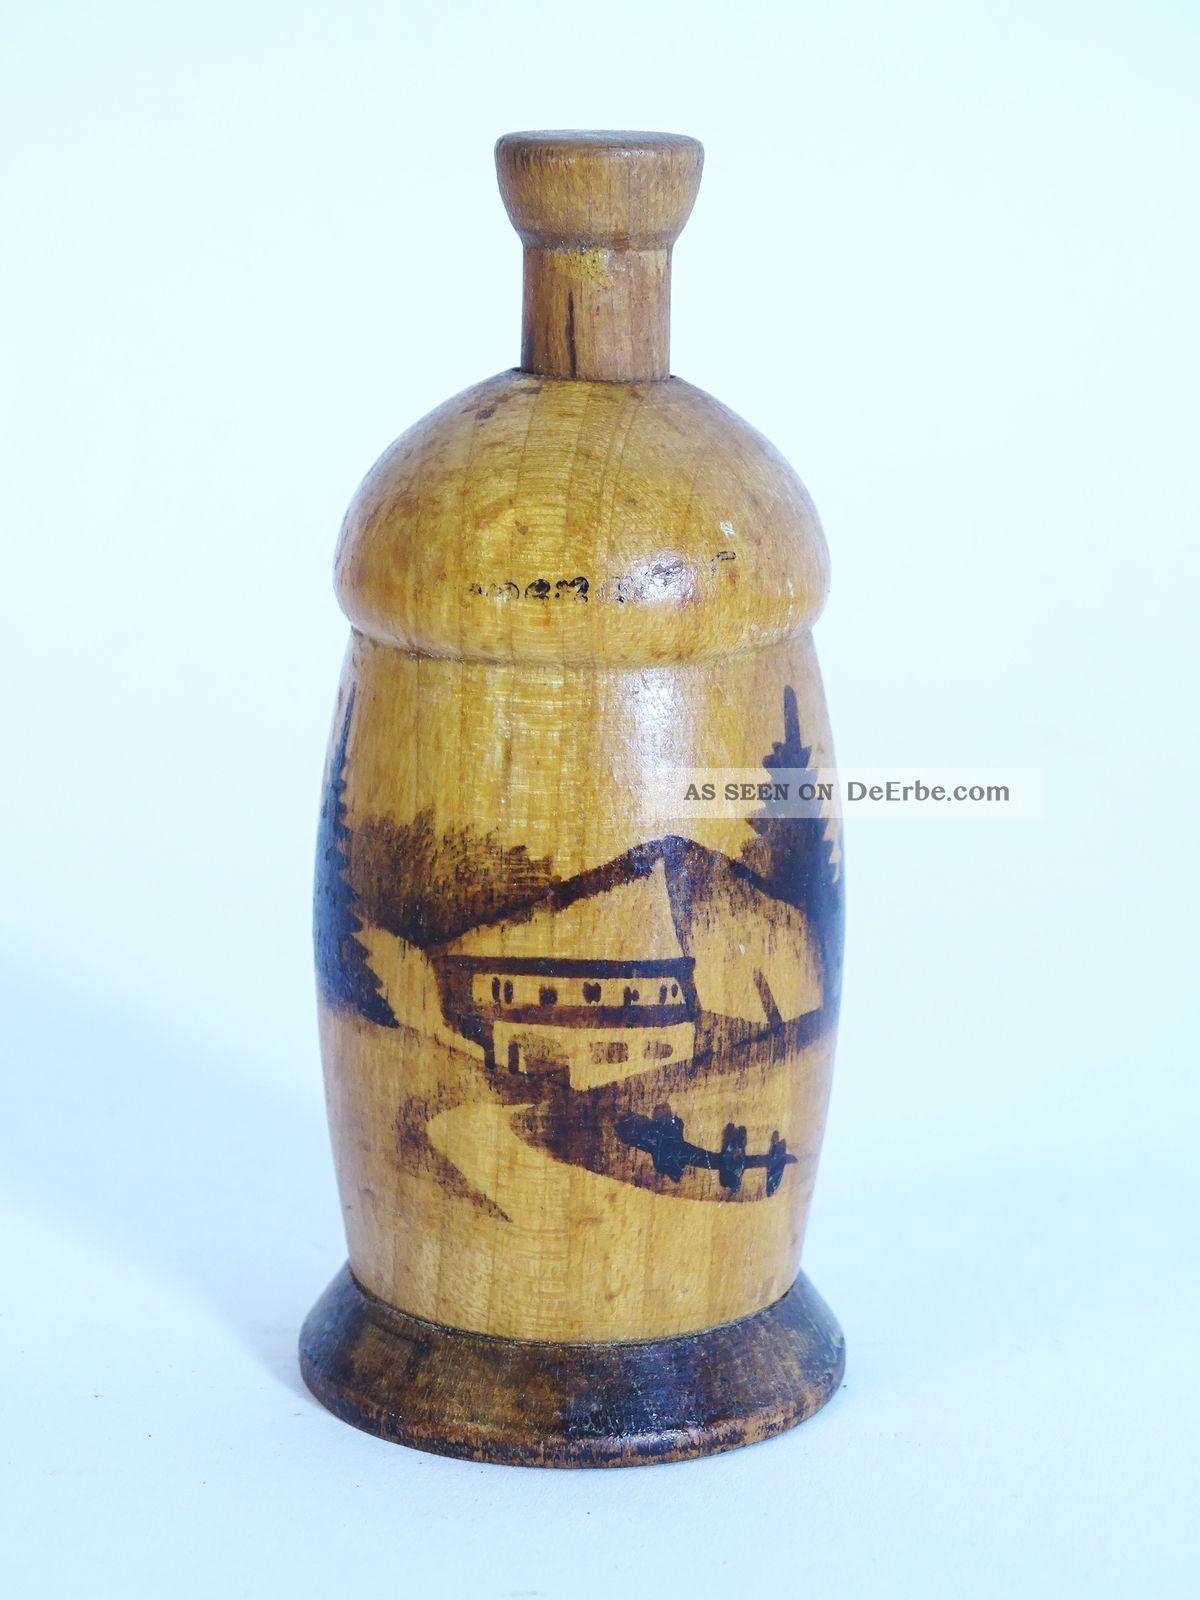 Antike Rarität Holz Pfeffermühle Birold Qualität Schwarzwald Haus Motiv Haushalt Bild